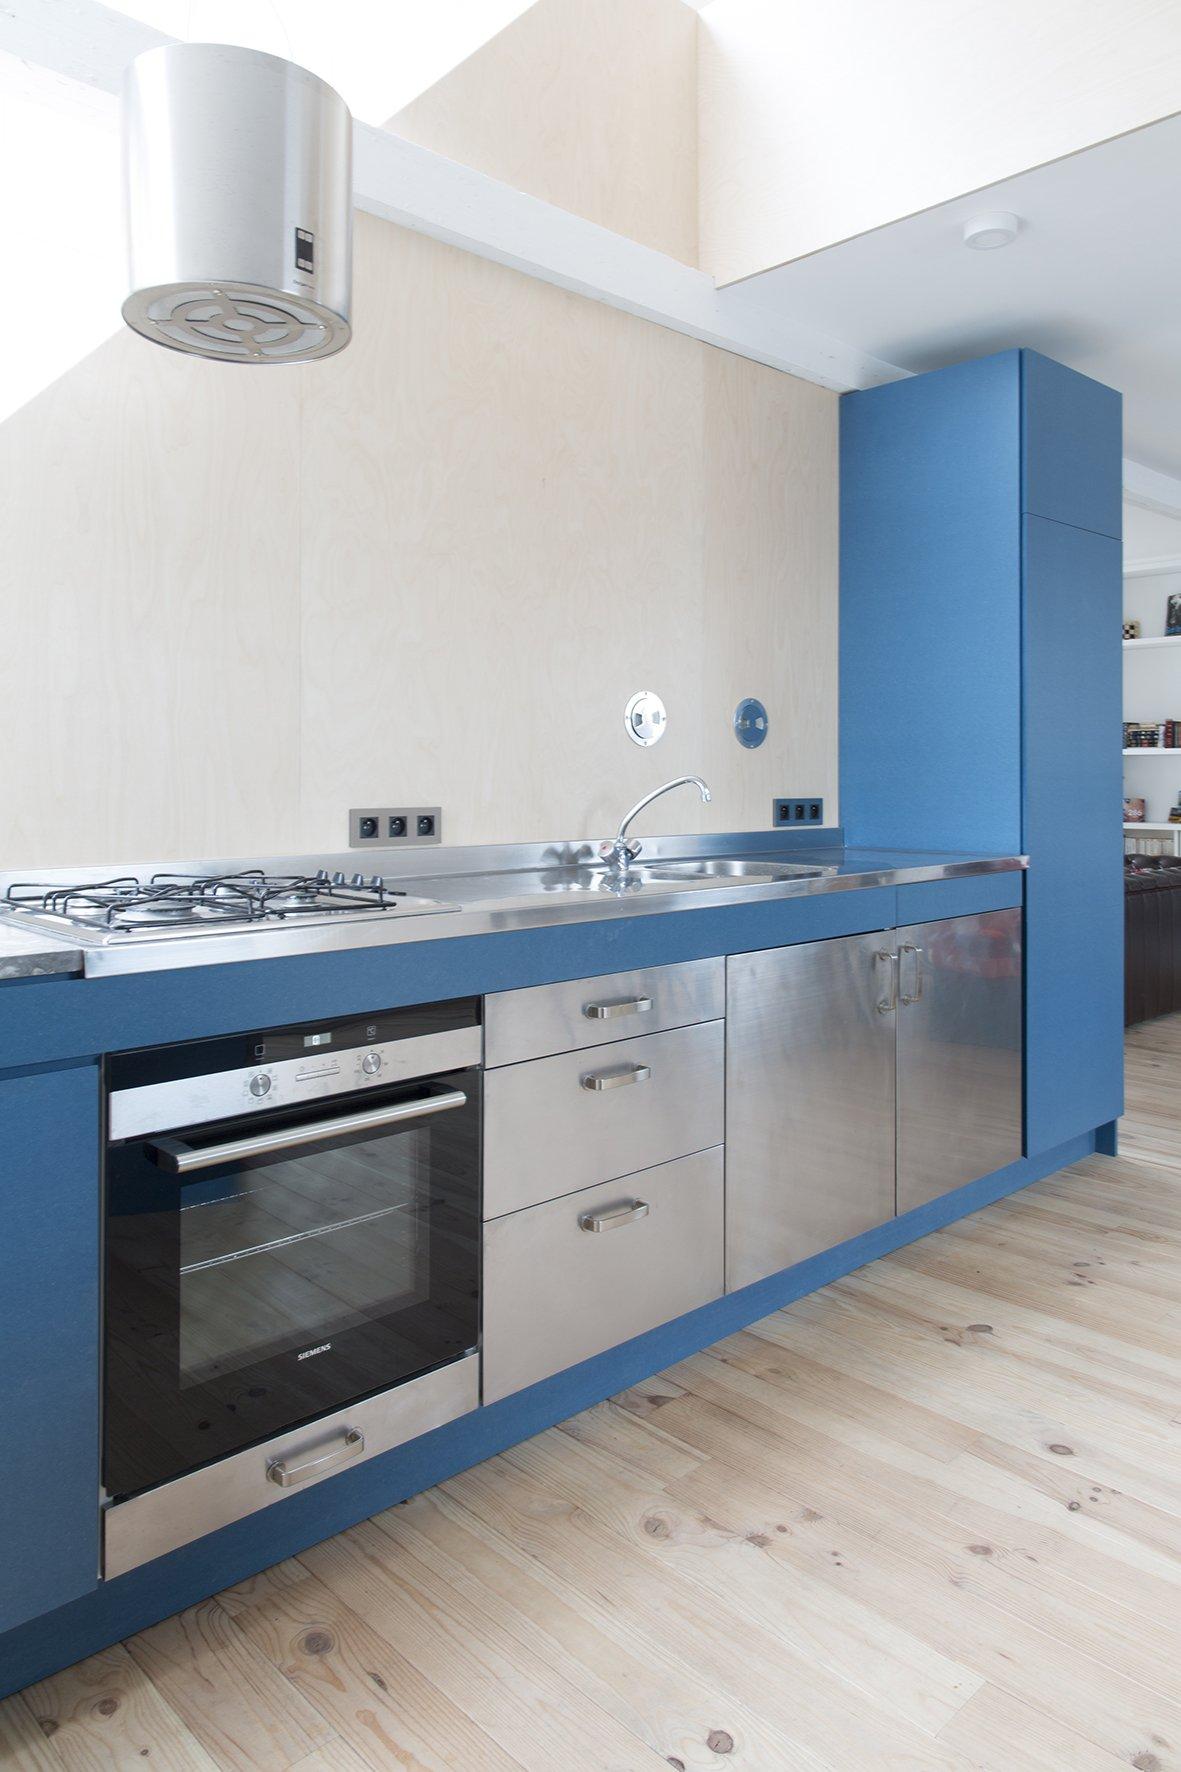 Valchromat_Projetos_Renovação Apartamento_Bélgica 10